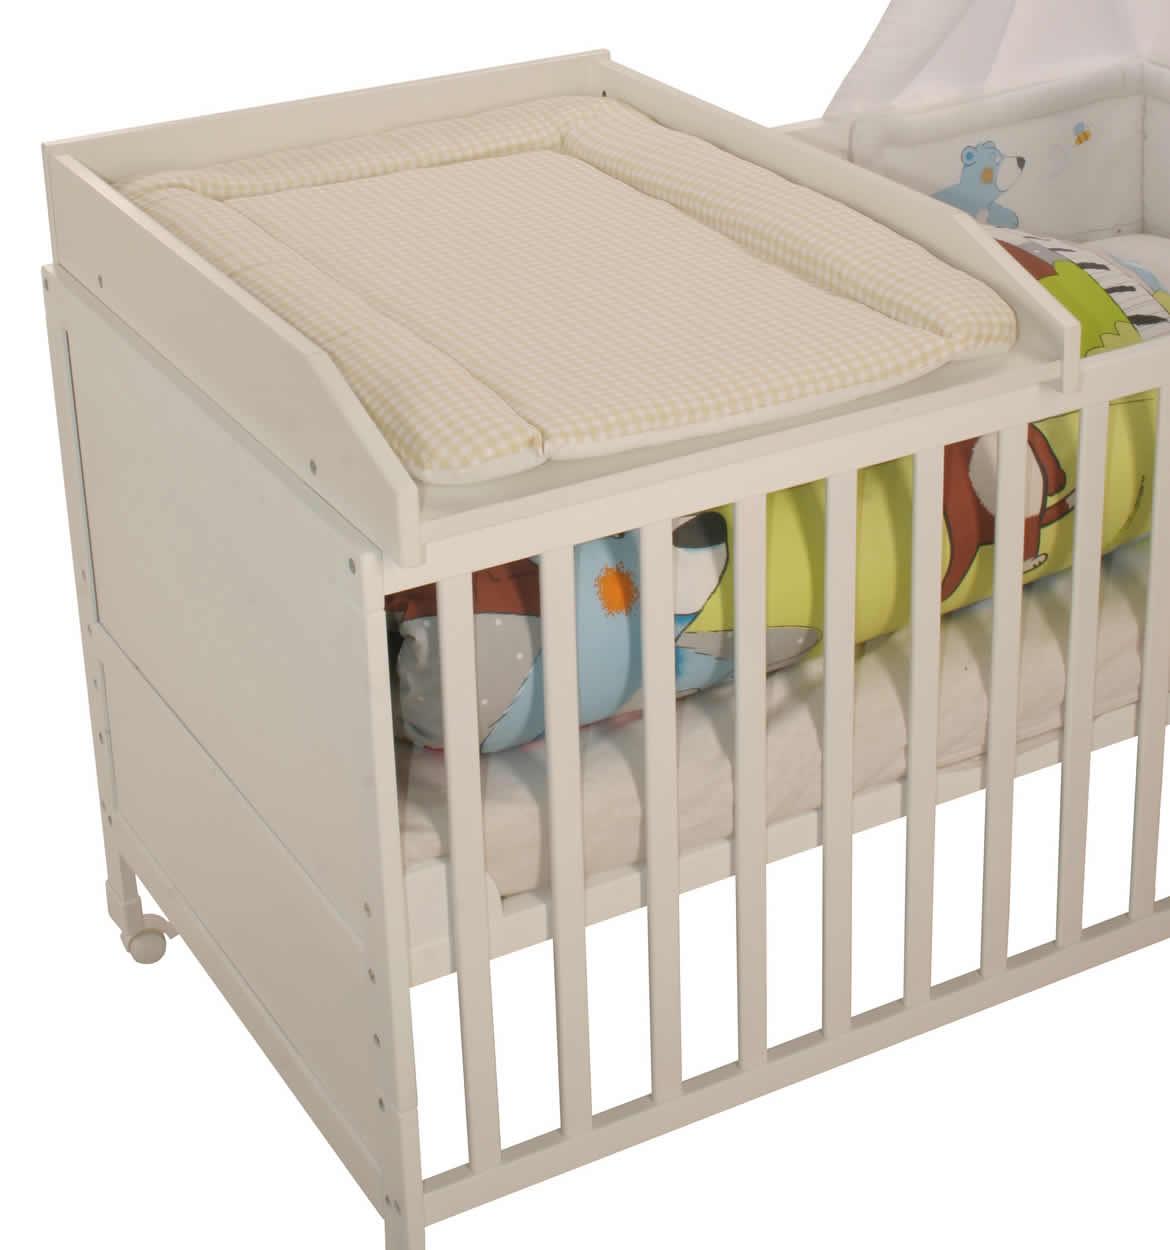 roba Wickelplatte Wickelauflage Auflage für Babybett Bett | eBay